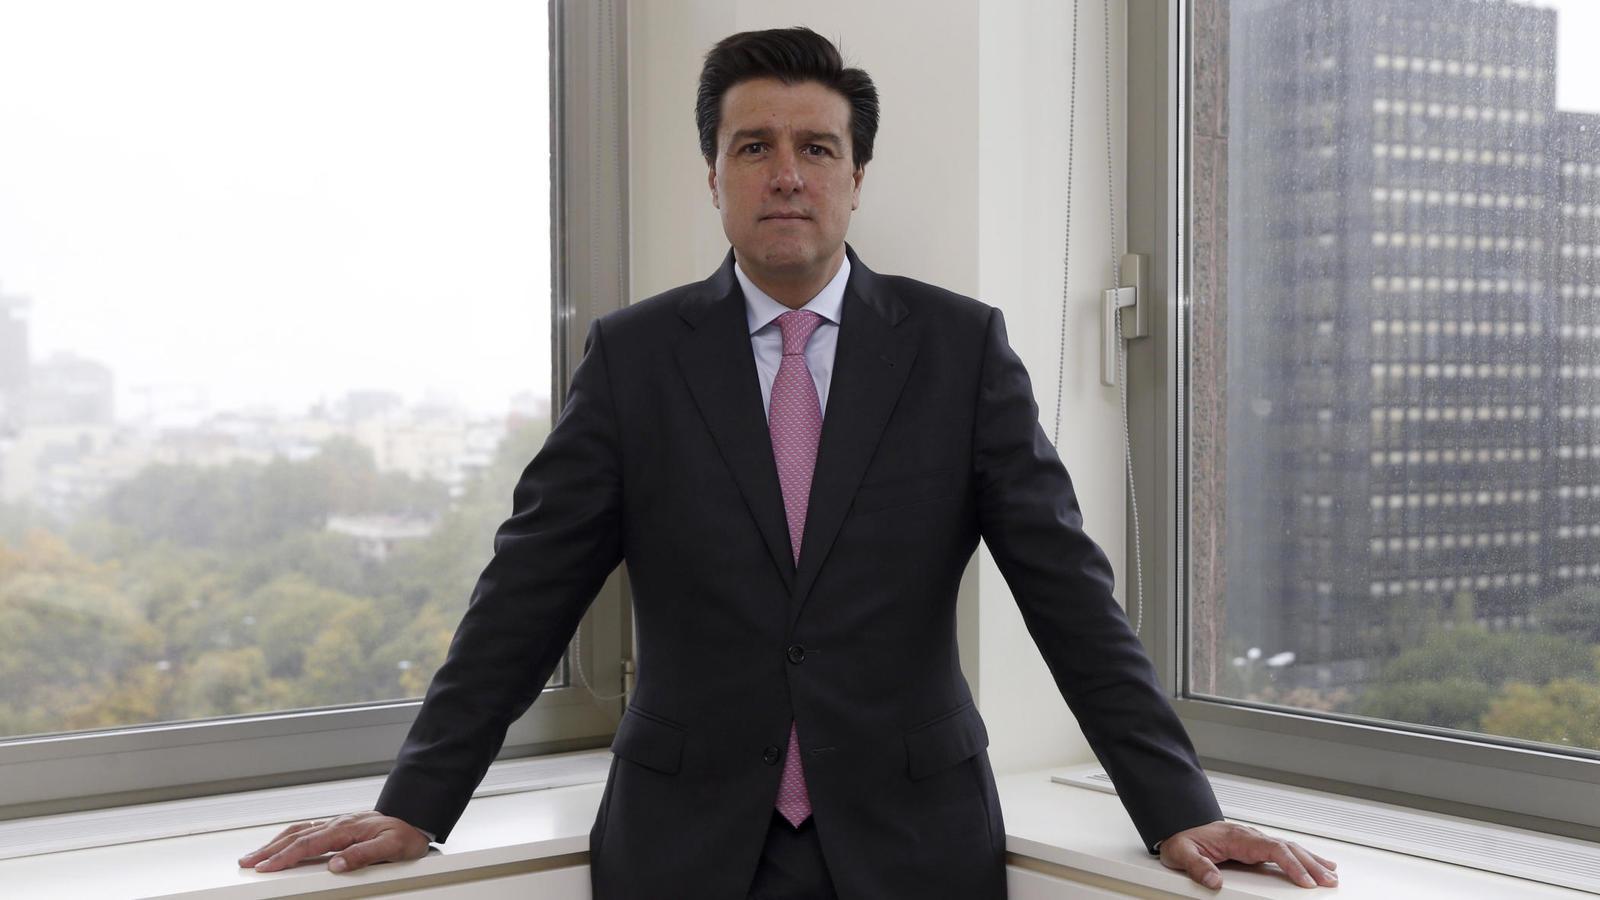 Ismael Clemente, el primer ejecutivo de Merlin Properties, se rebajó el sueldo el año del Covid-19